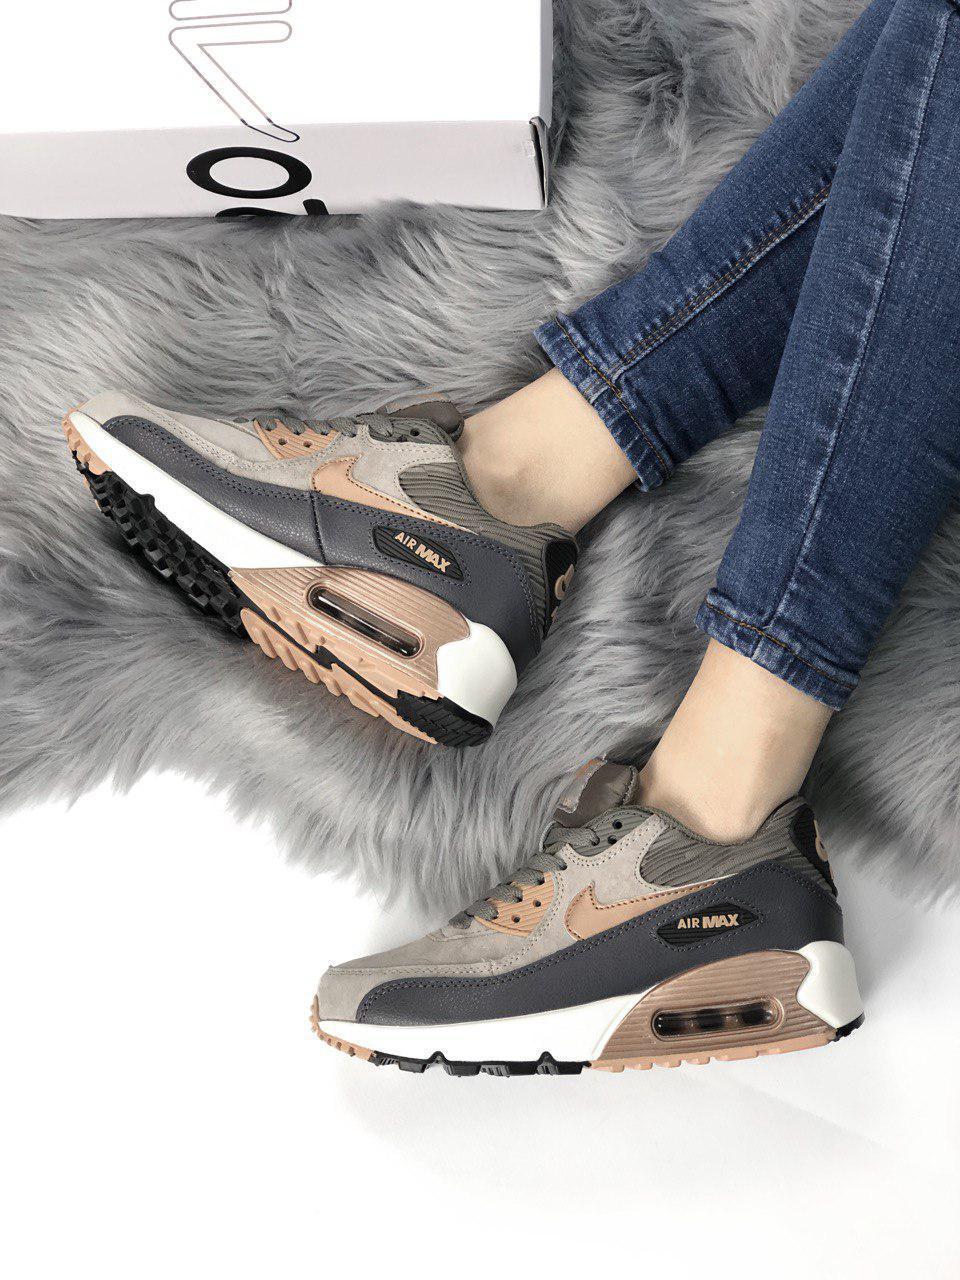 Стильные кроссовки Nike Air Max 90